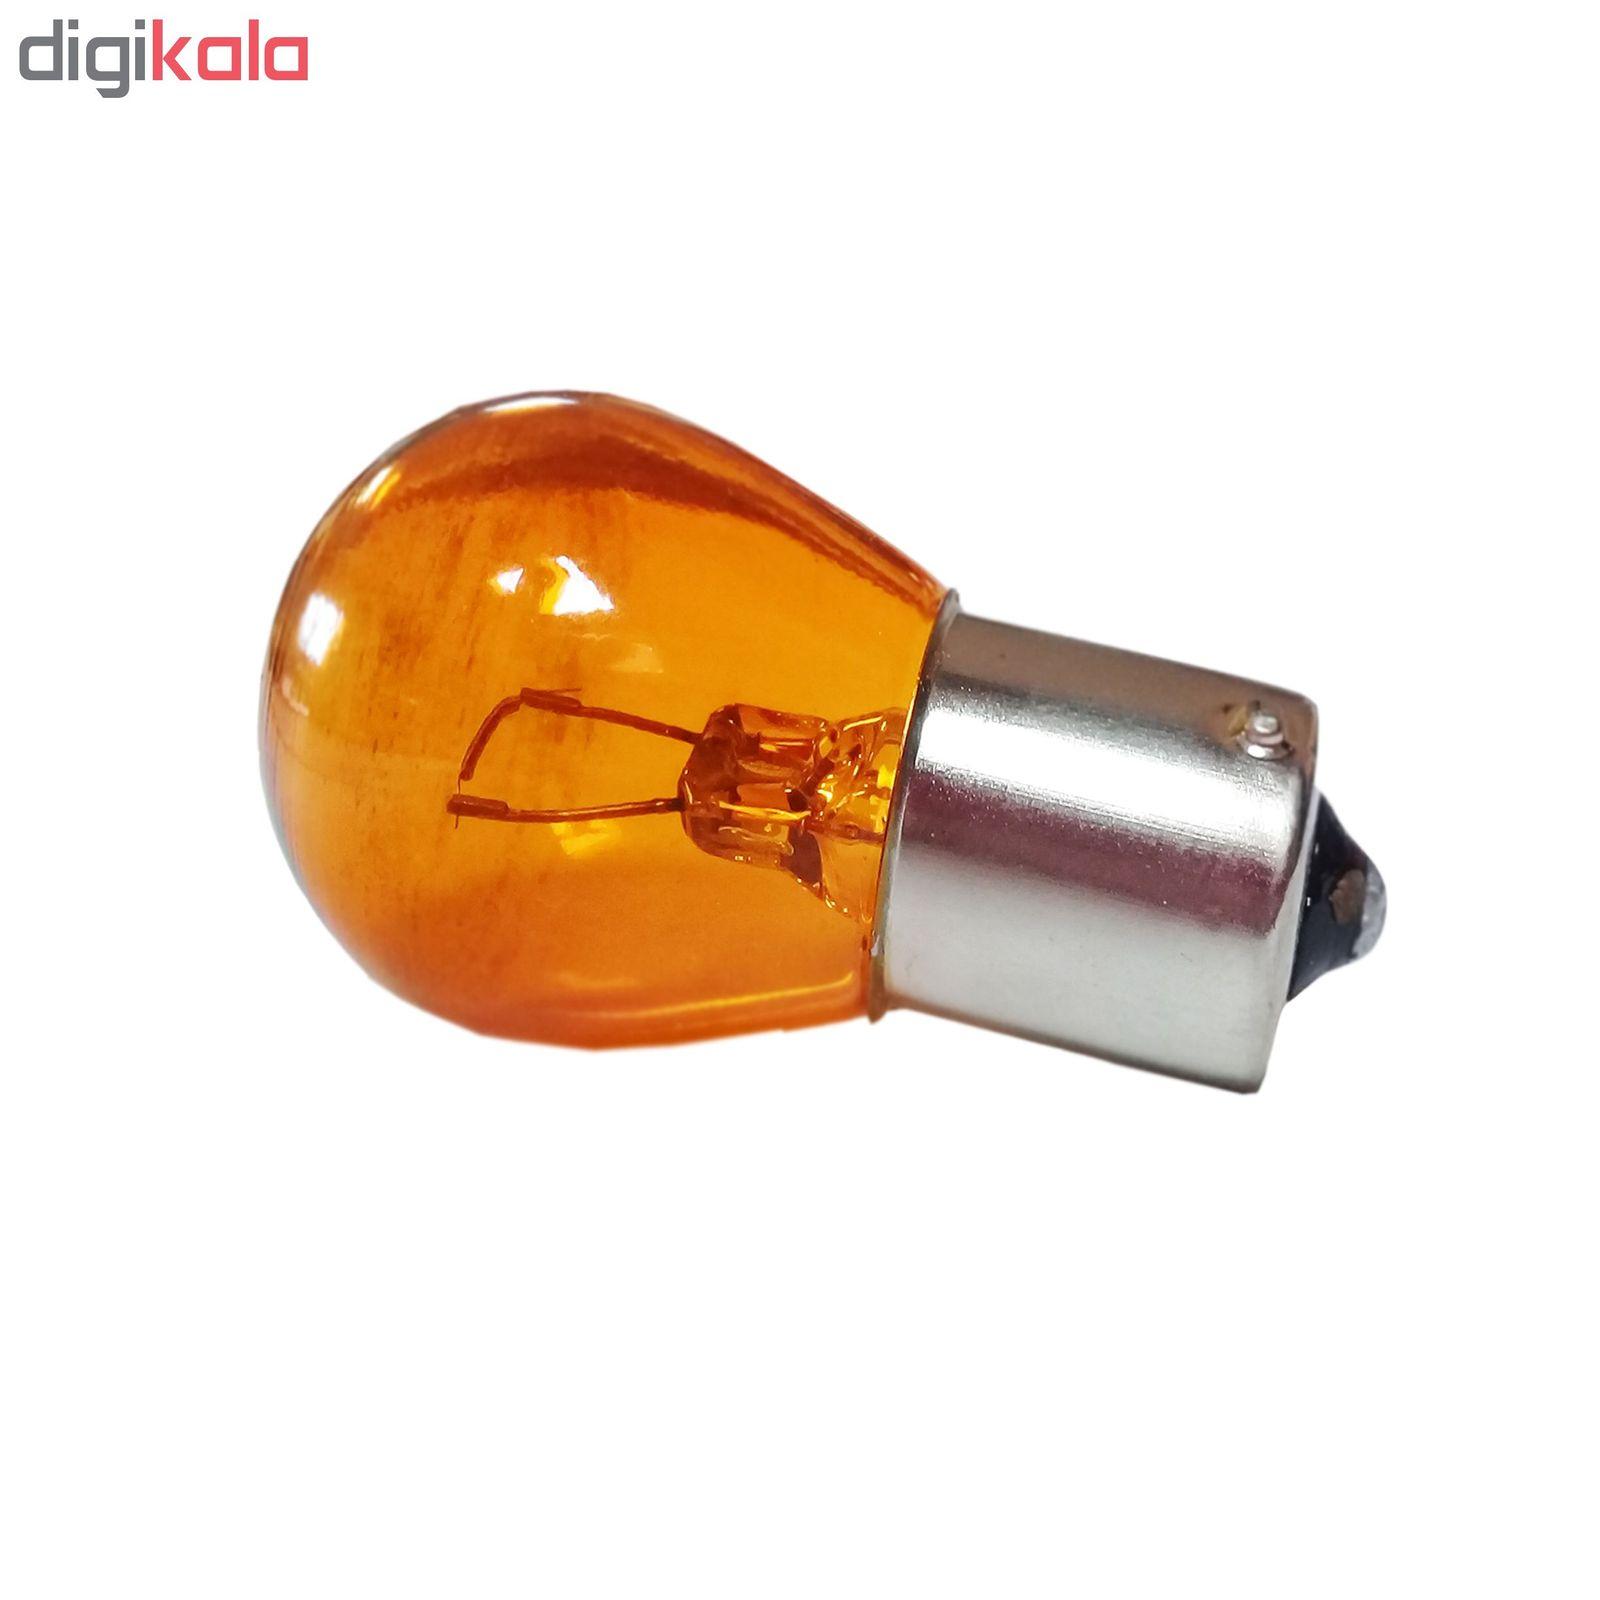 لامپ هالوژن خودرو ام کی اس مدل S25-93 main 1 2